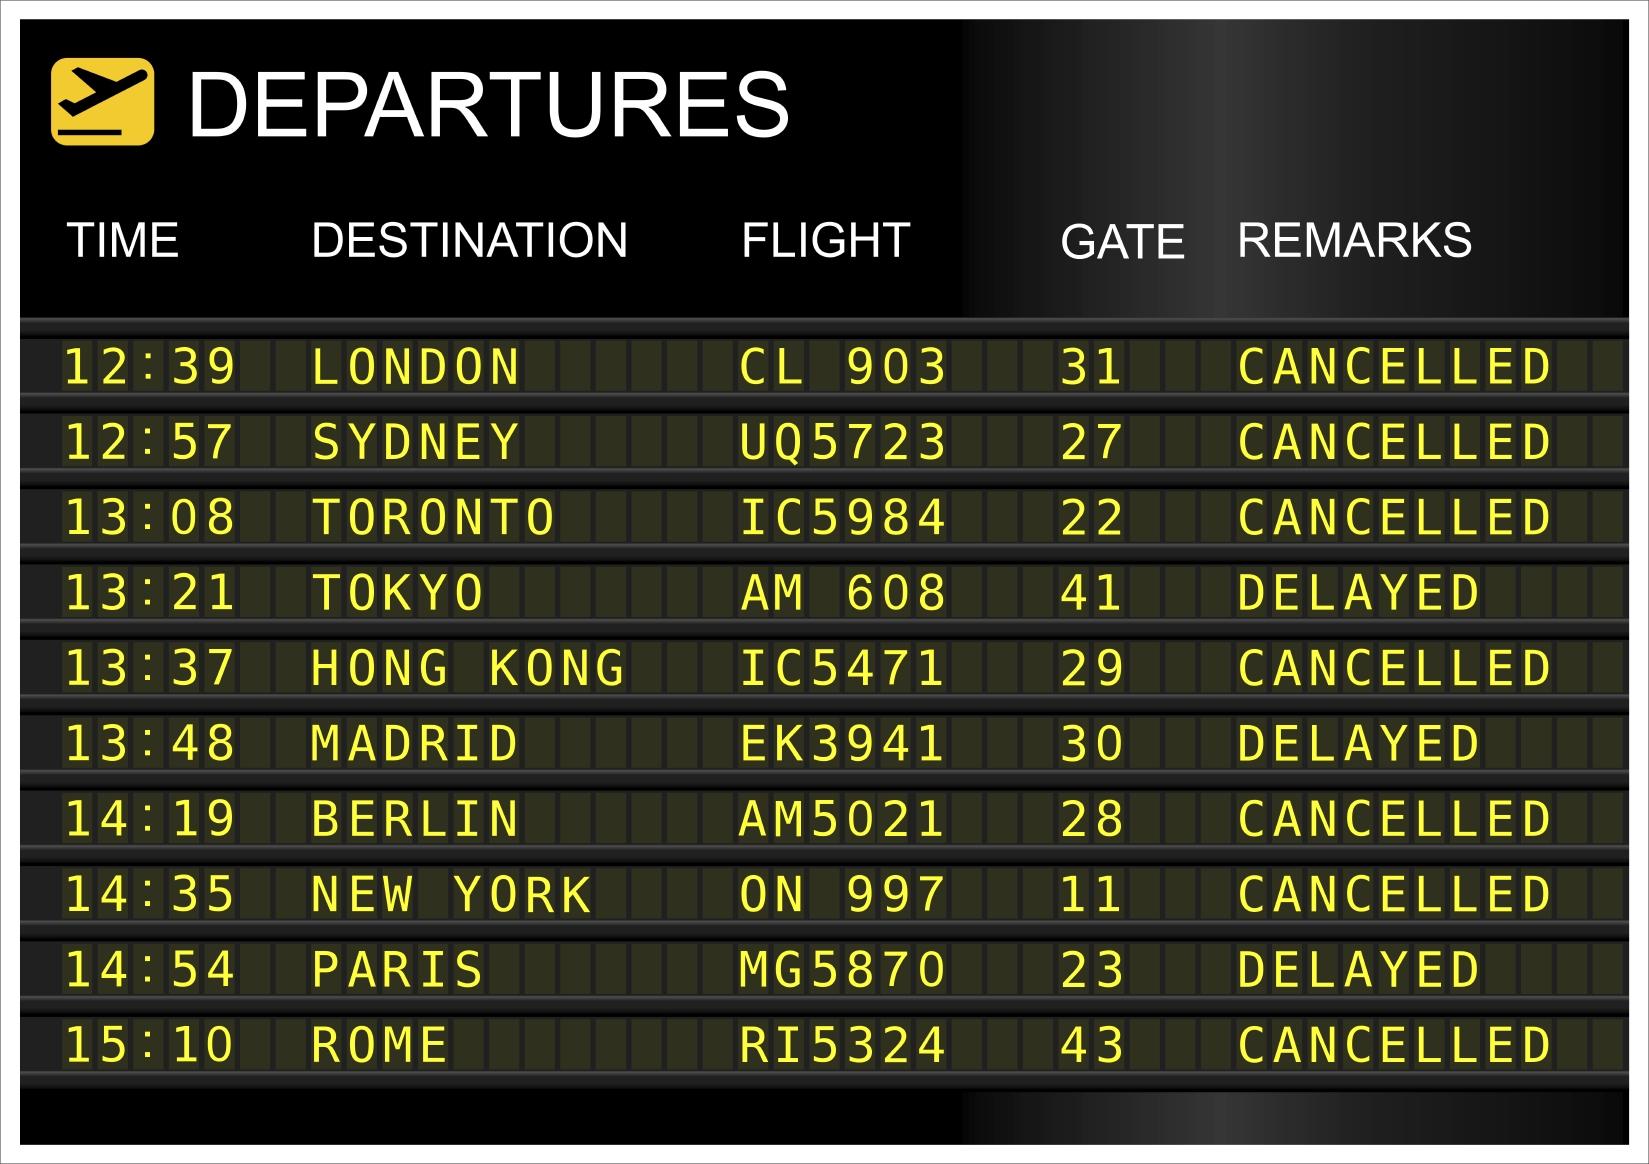 Votre vol est retardé ou annulé? Profitez en pour gagner de l'argent !